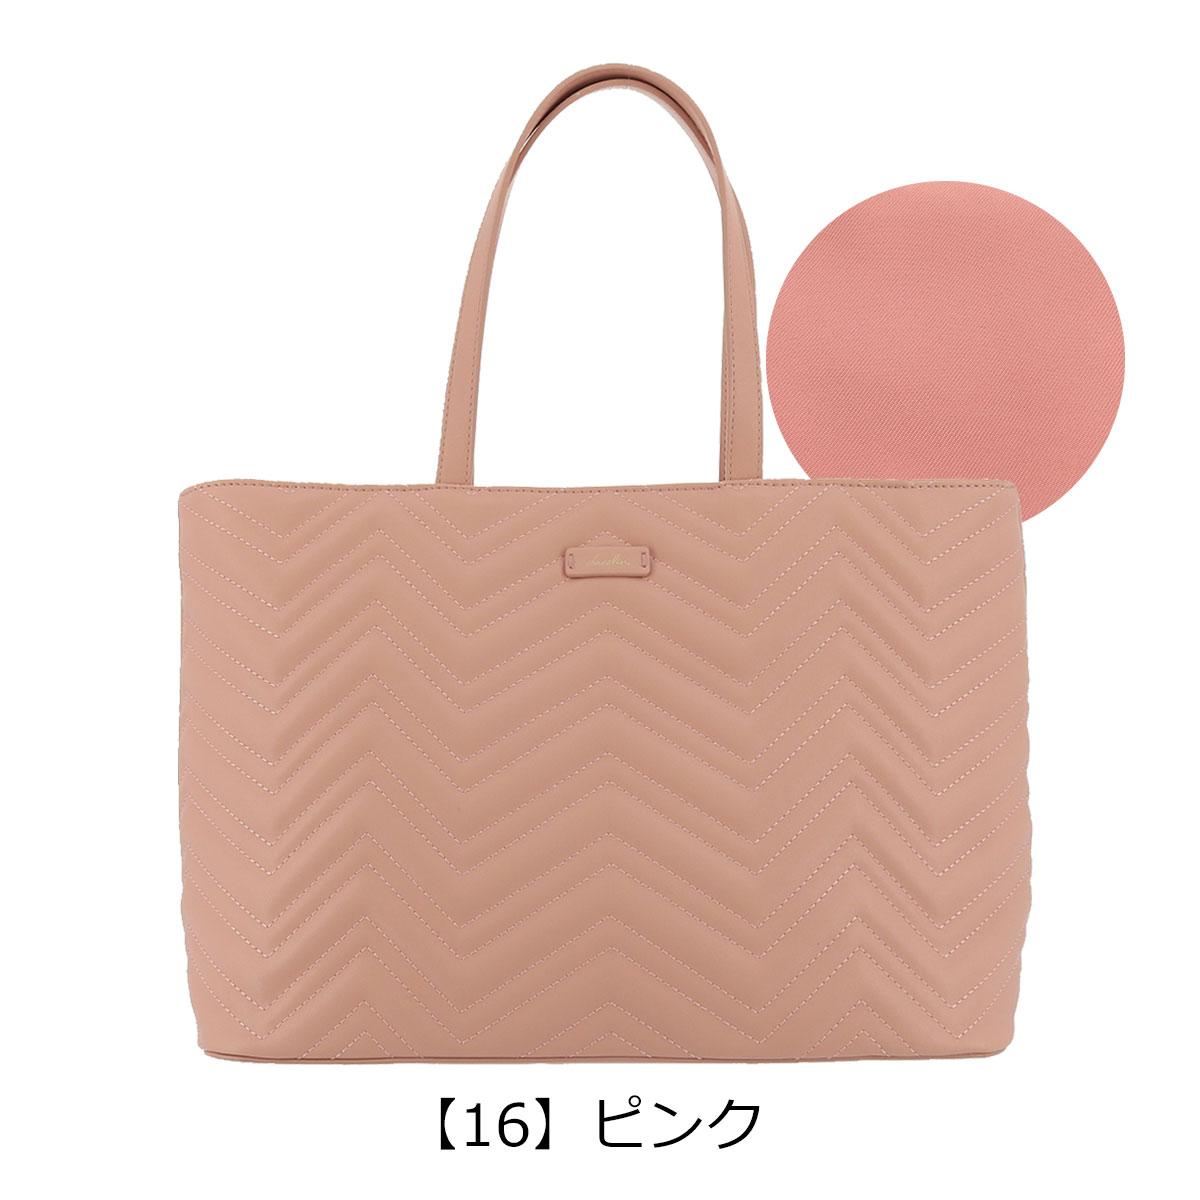 【16】ピンク